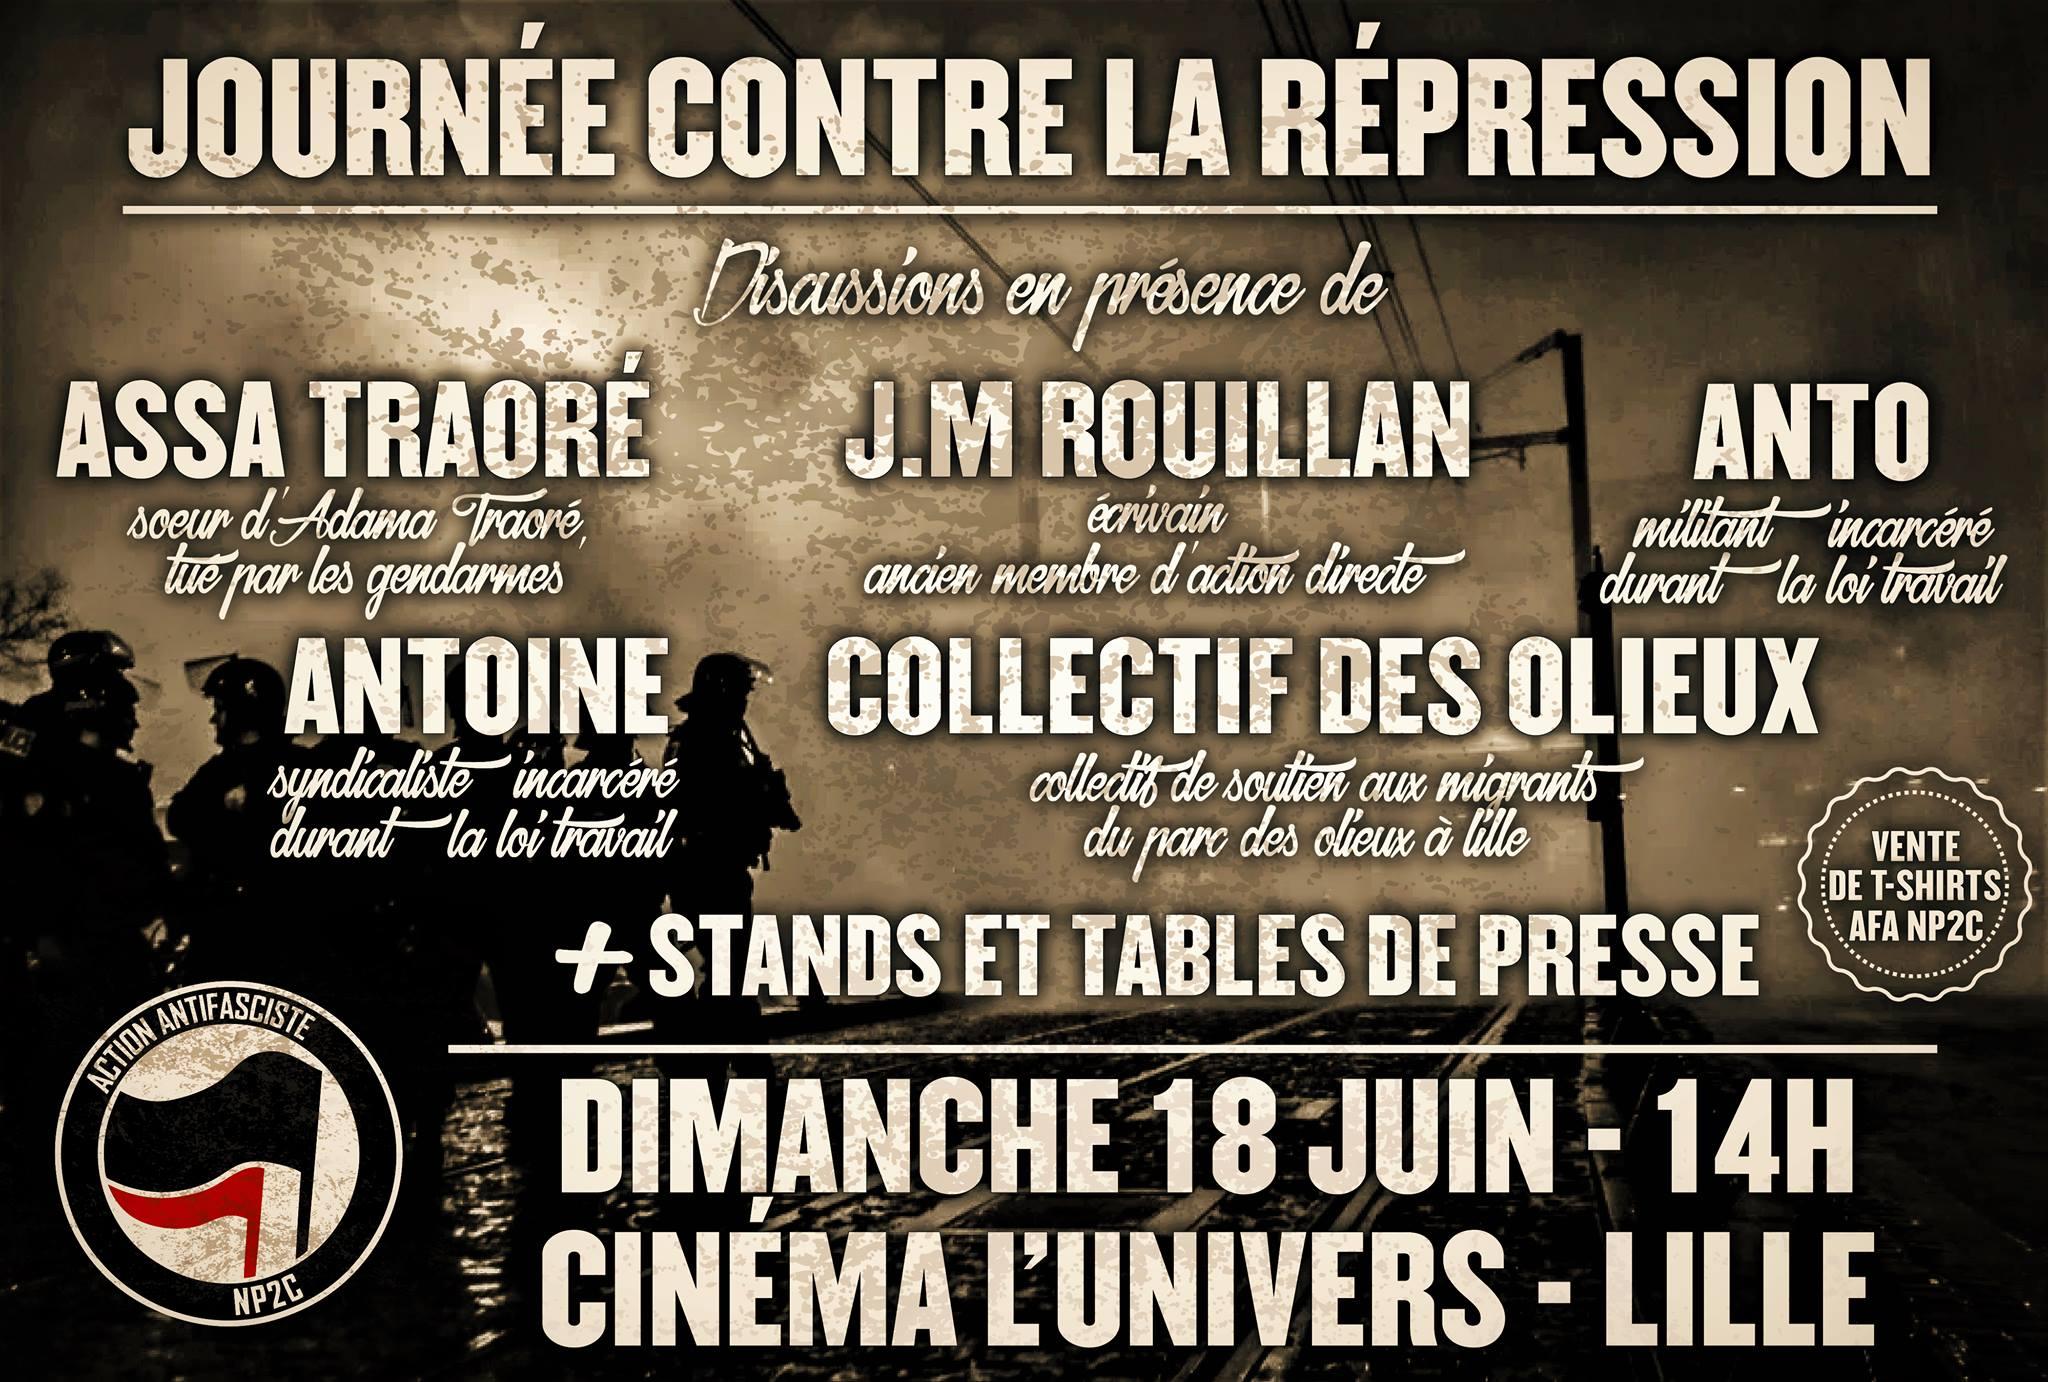 Journée contre la répression ce 18 juin